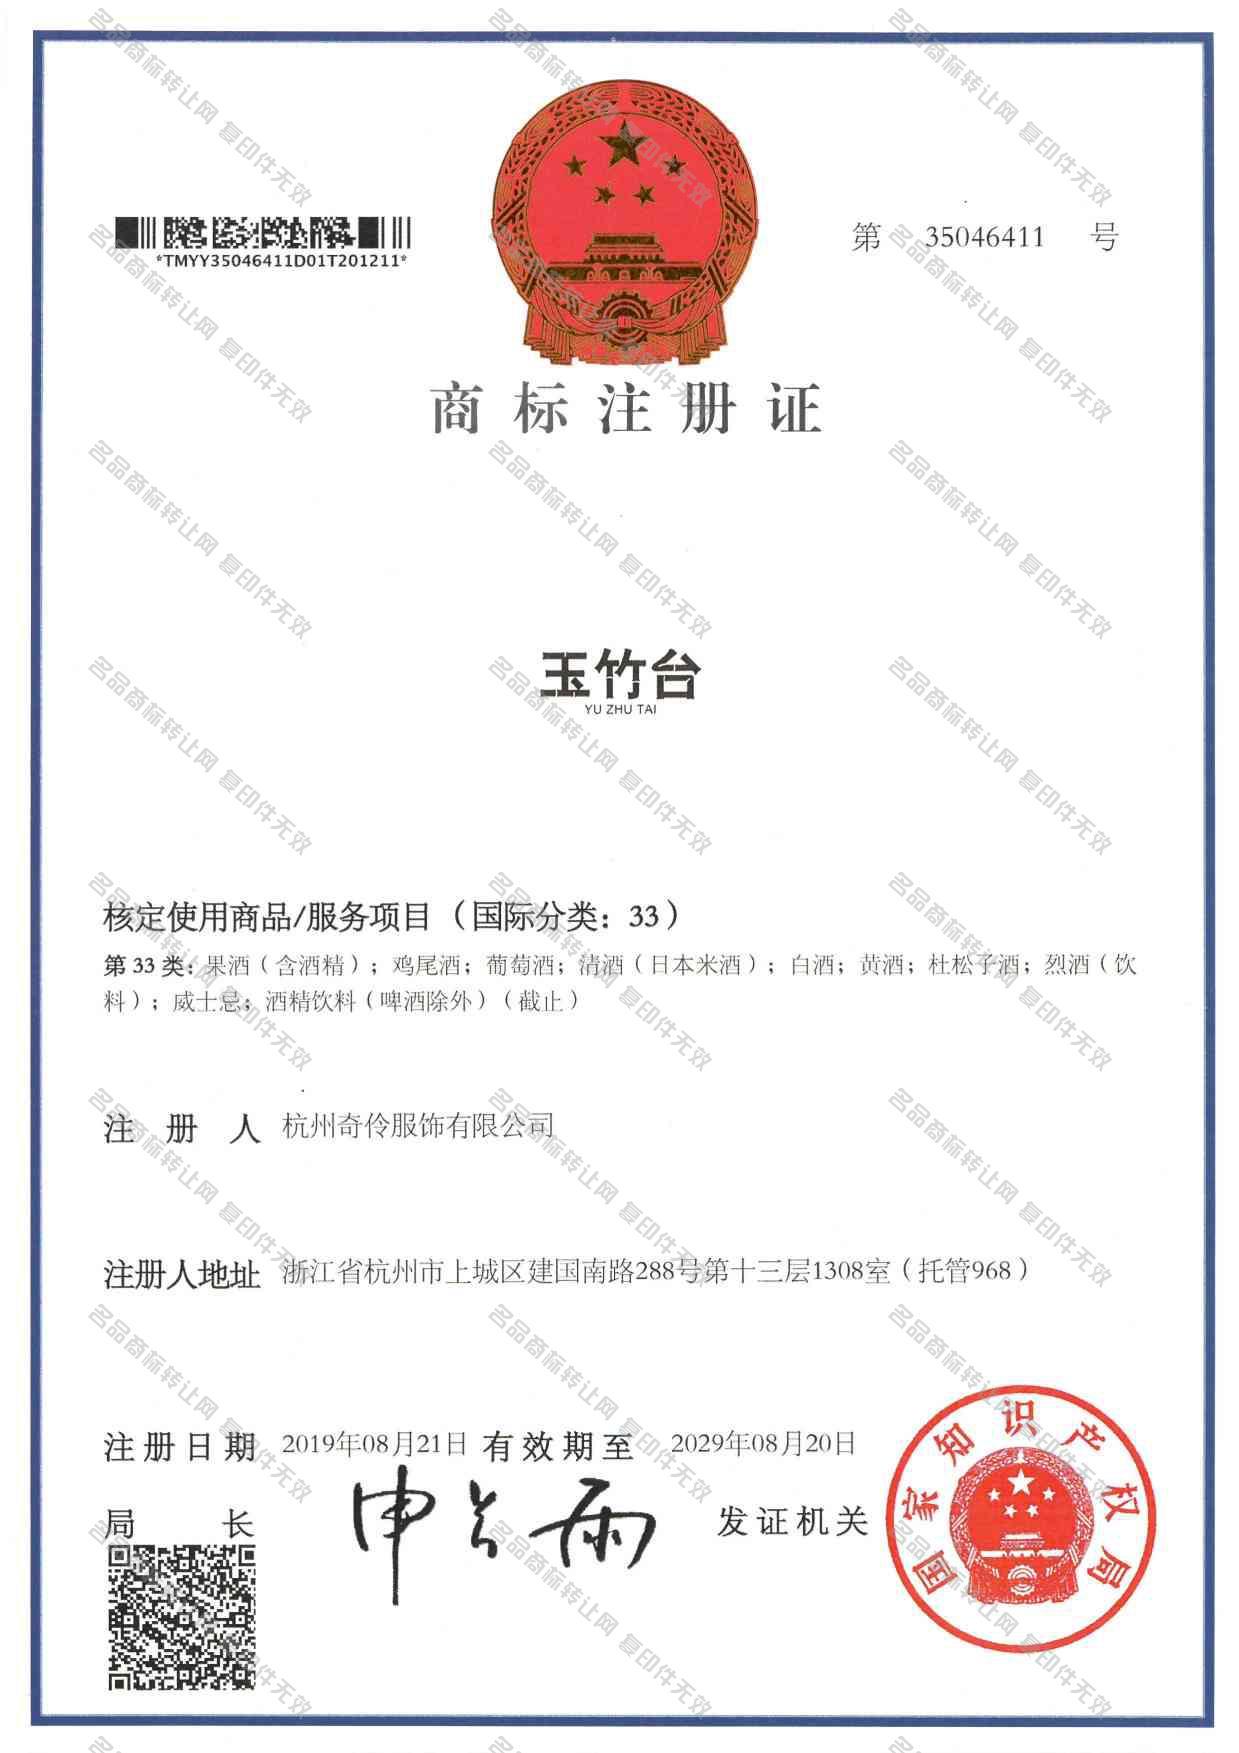 玉竹台;YUZHUTAI注册证